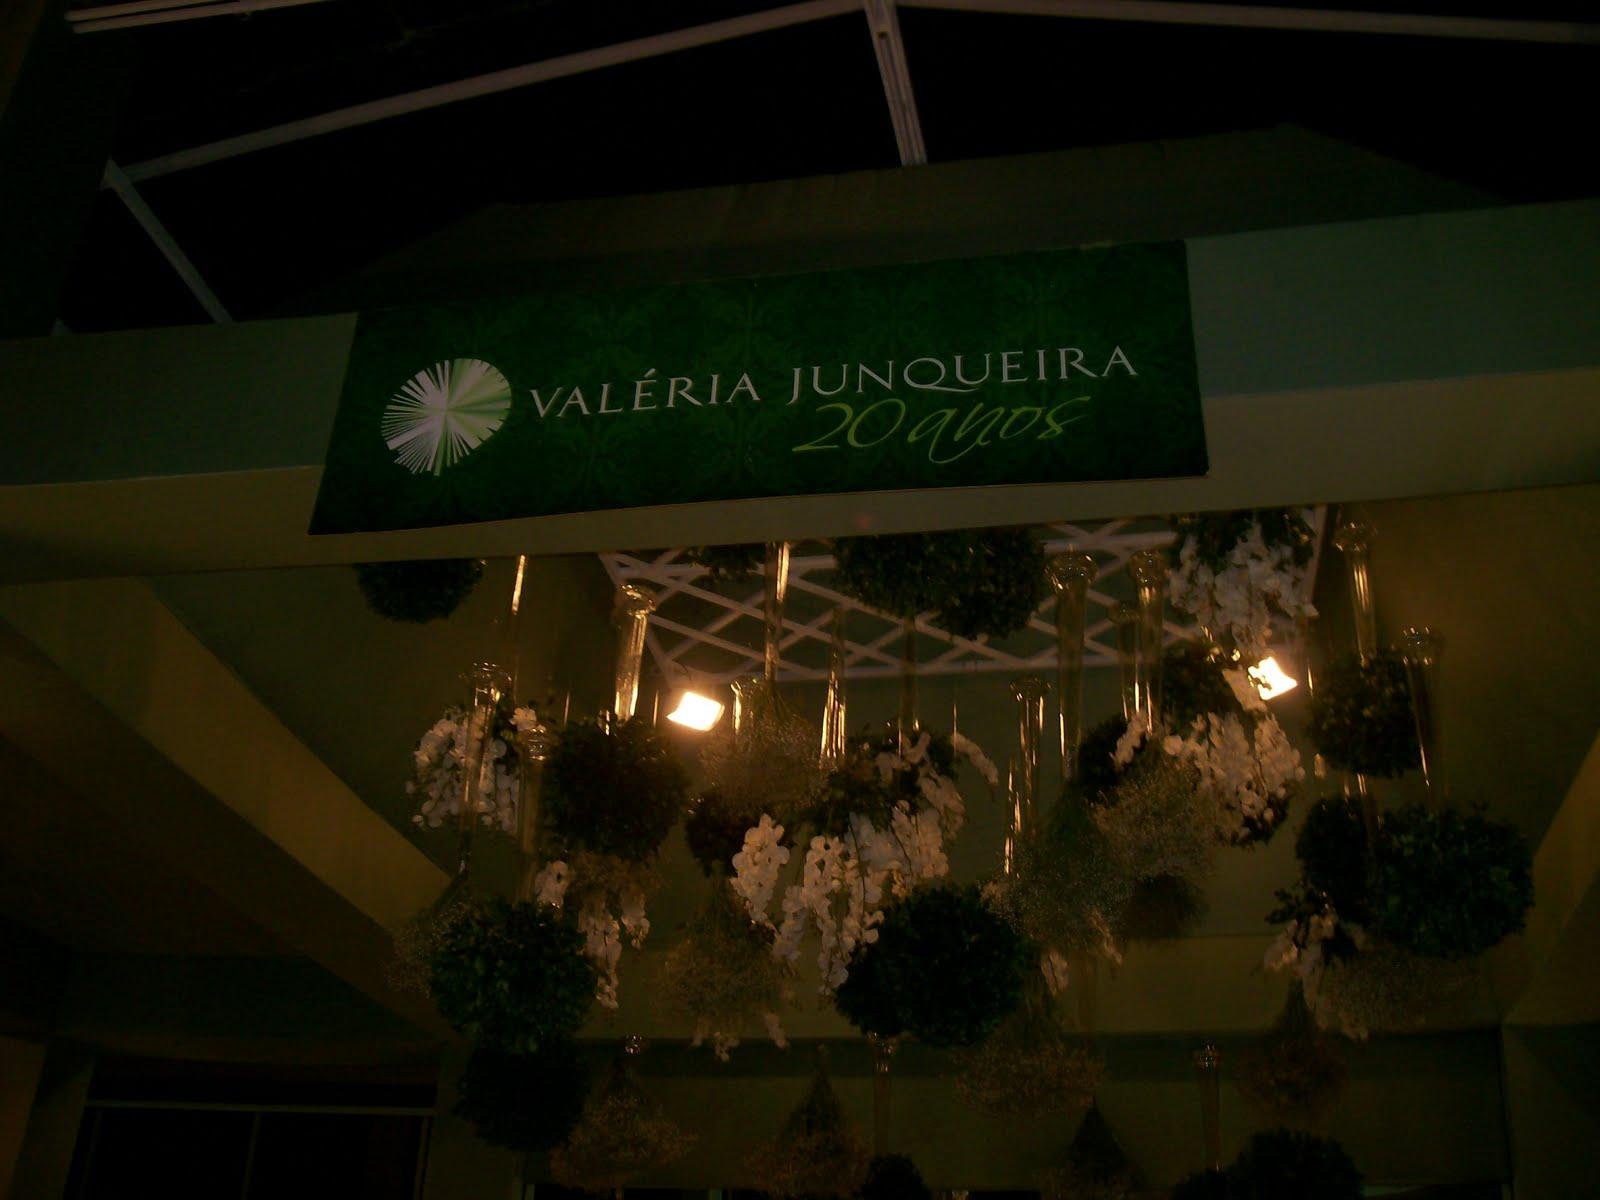 http://2.bp.blogspot.com/-E1ESXvKyY1A/Taducc0zfuI/AAAAAAAAJh0/eoZzdk-_ync/s1600/Val%25C3%25A9ria+Junqueira.jpg